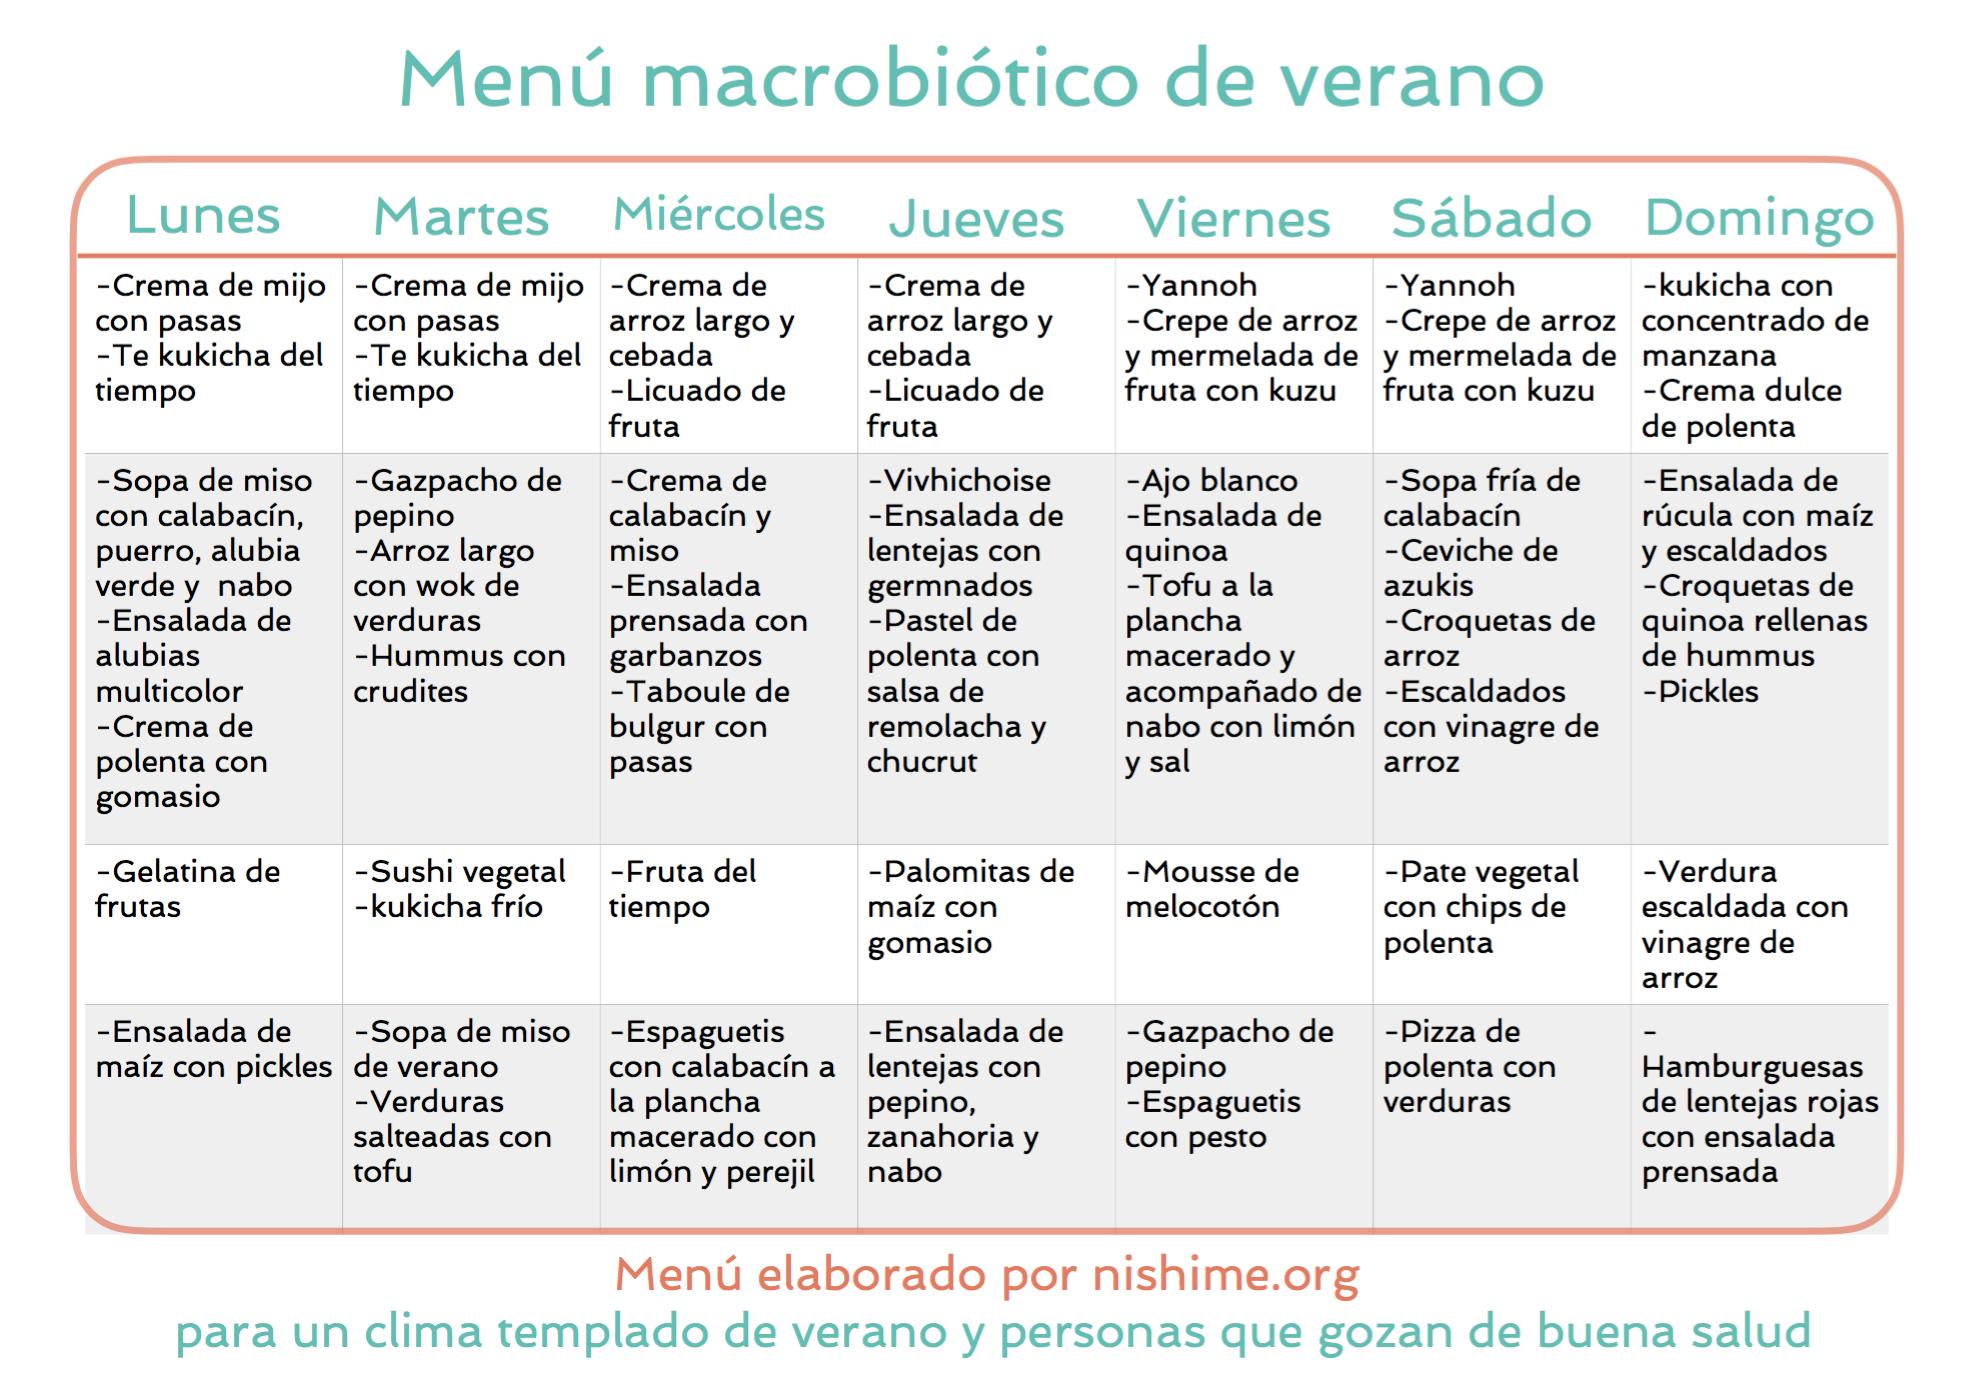 Menú macrobiótico de verano para descargar